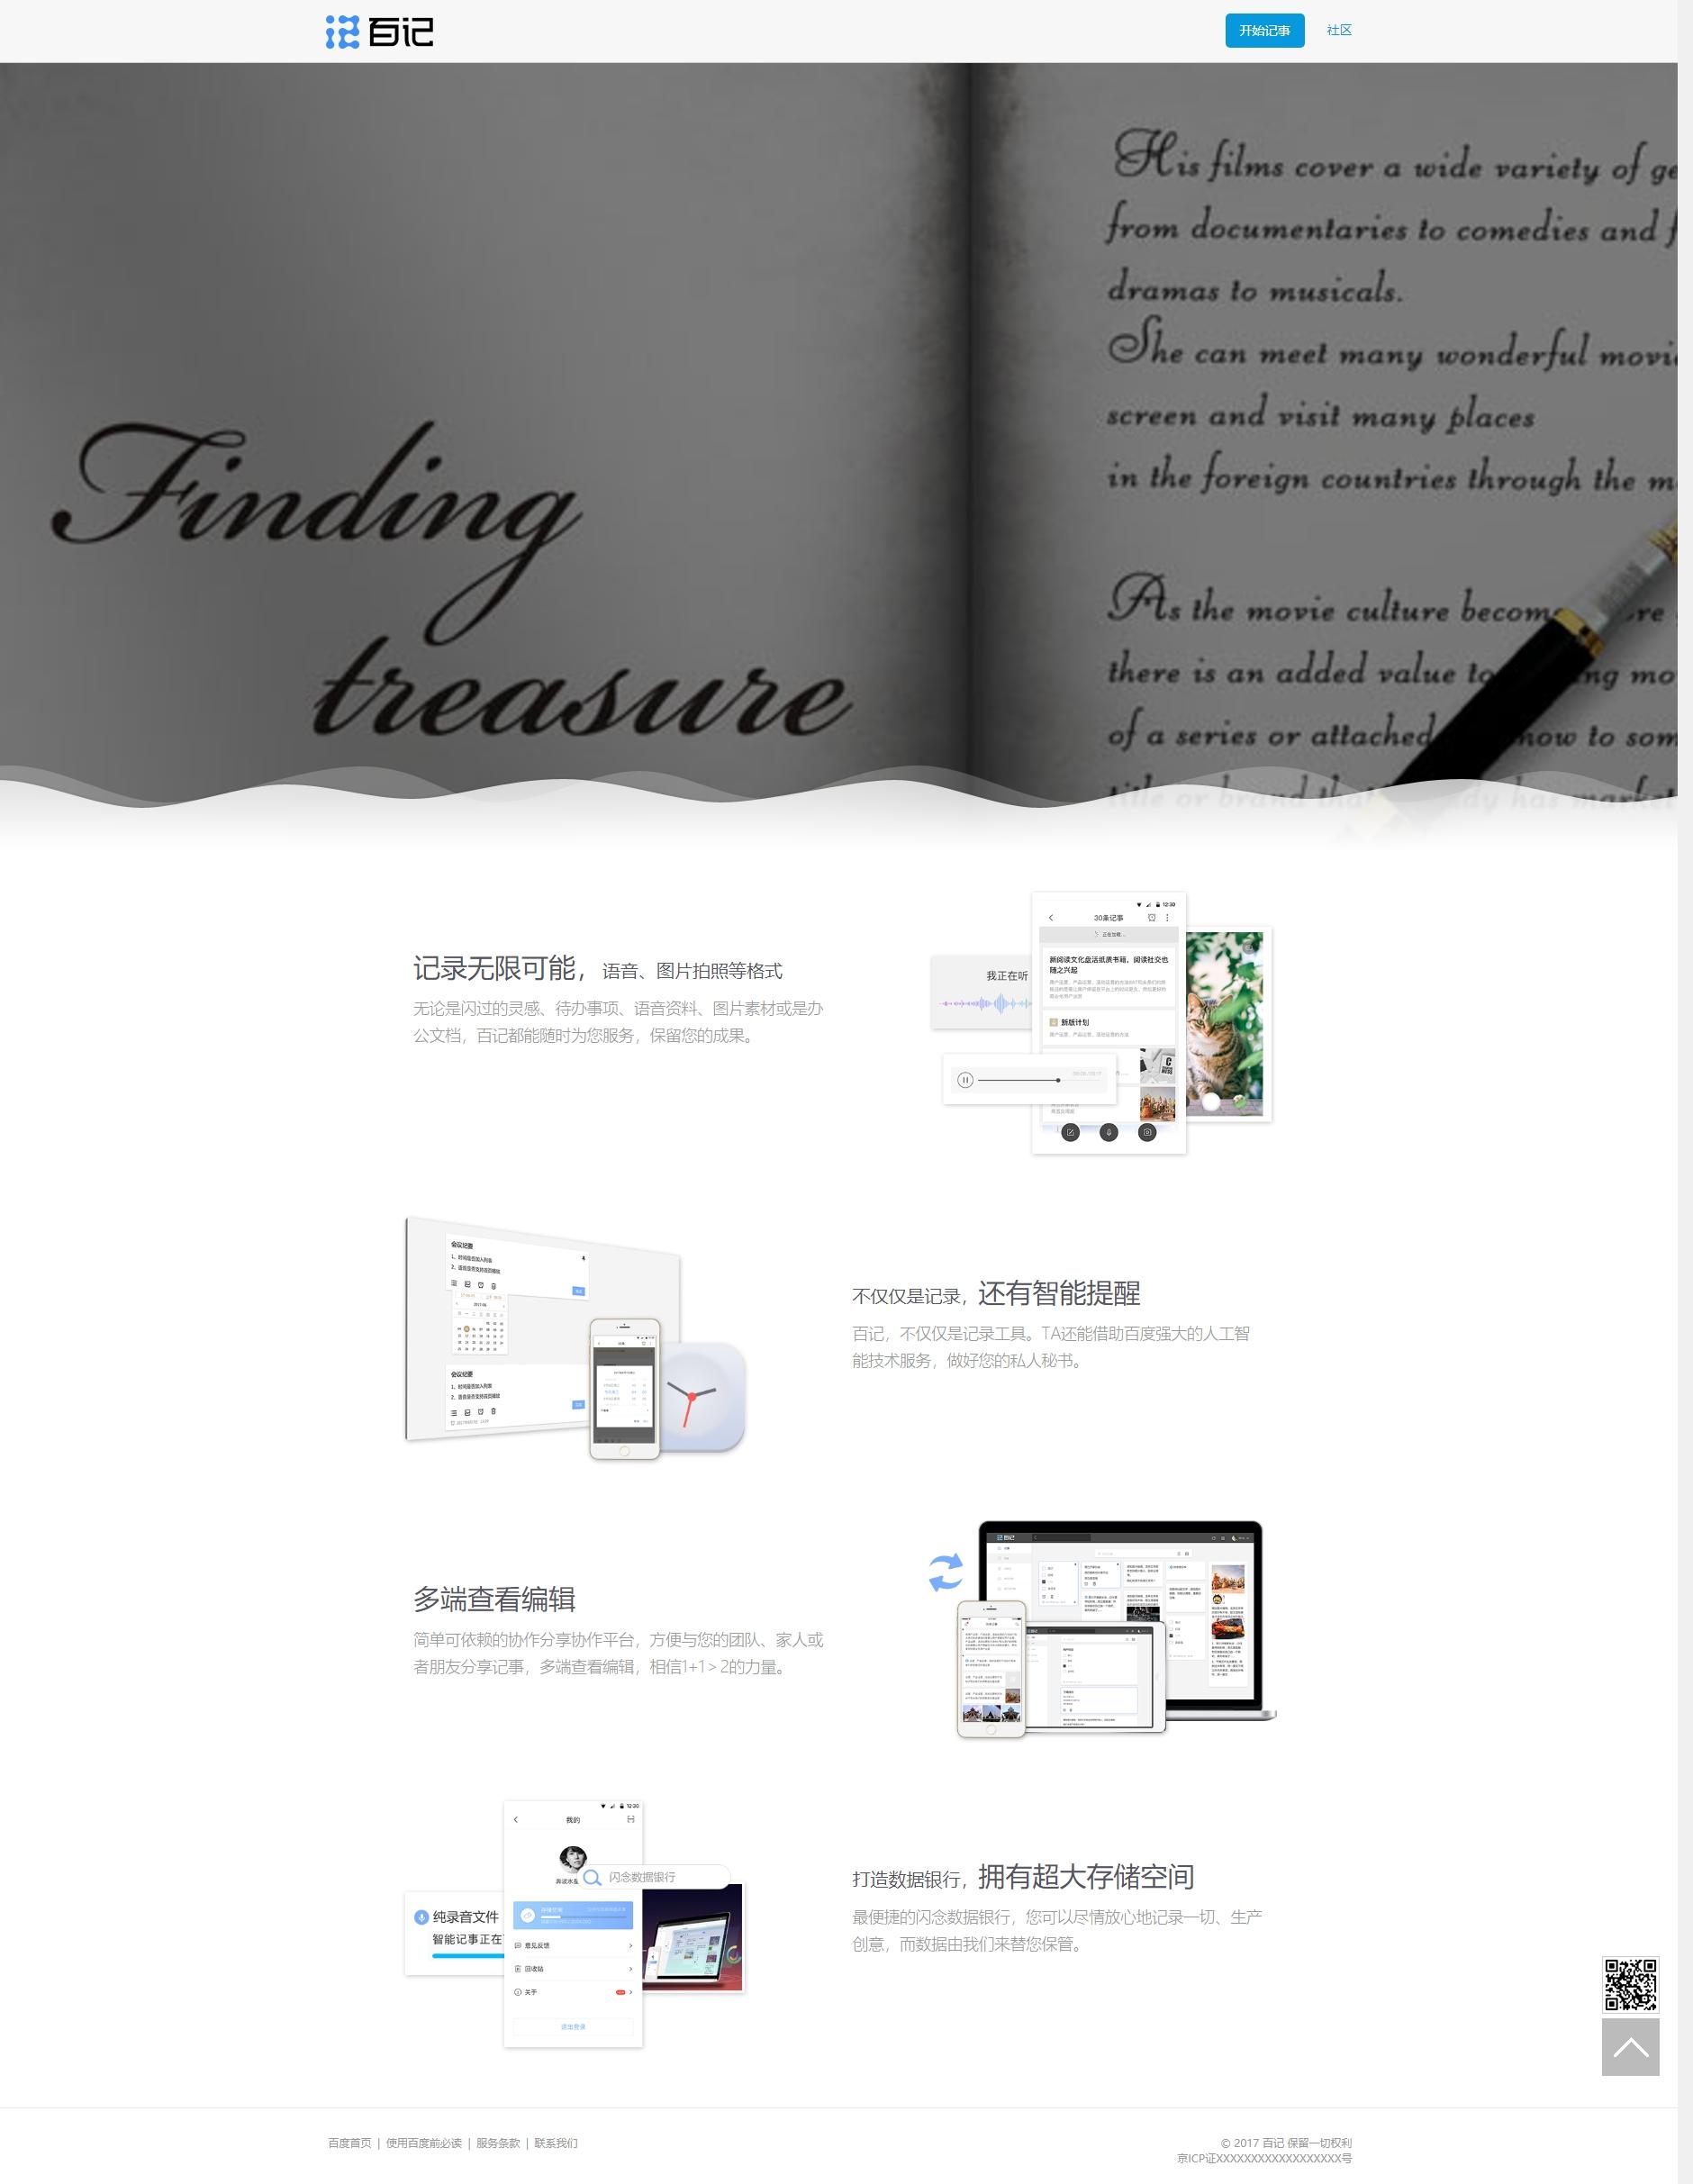 百记快速记事app软件介绍html专题模板